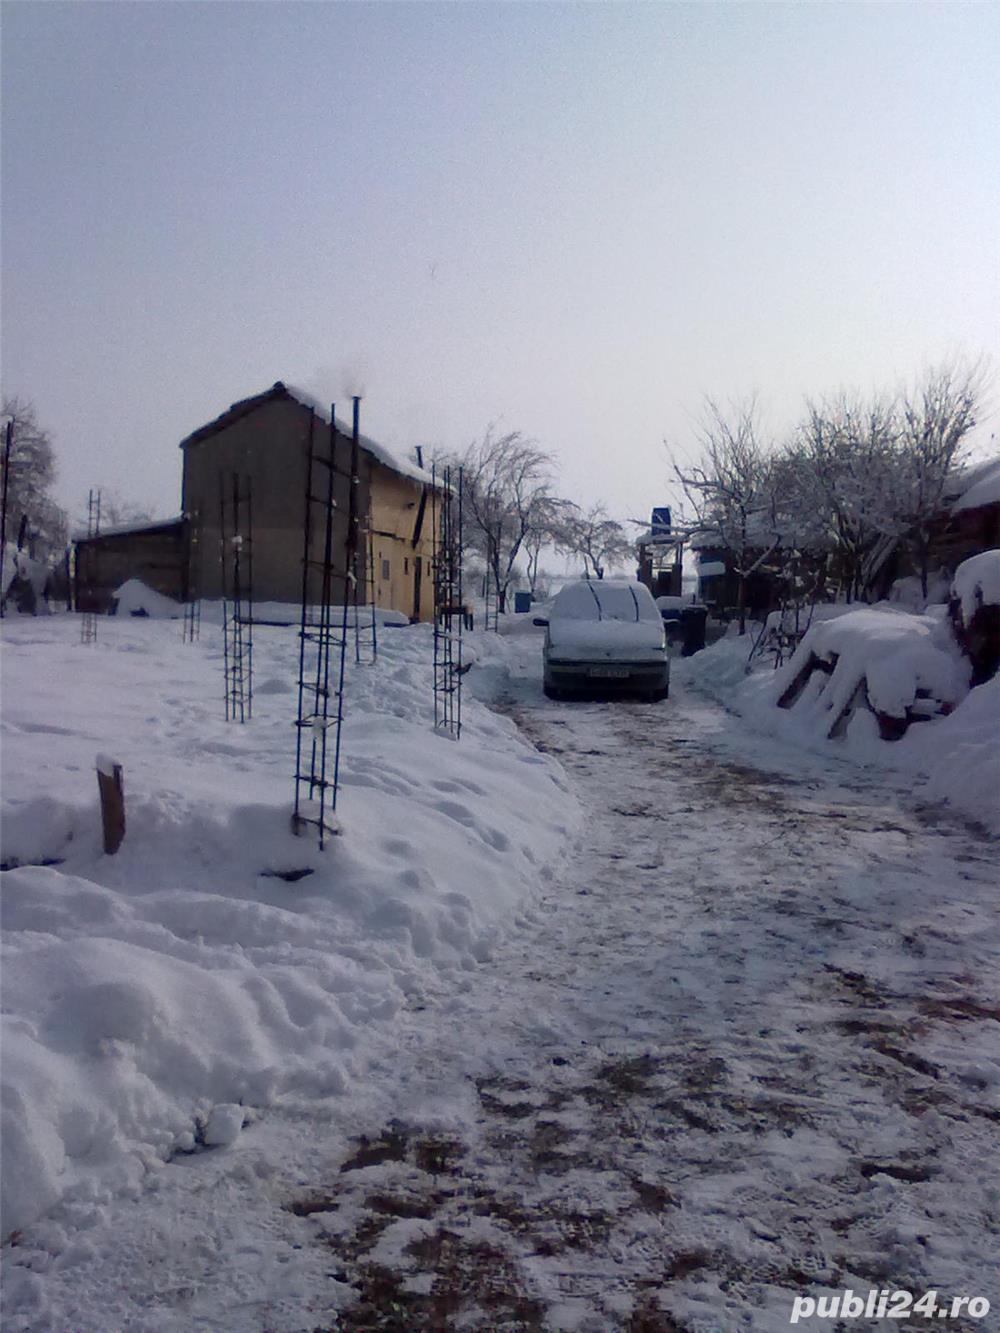 Vând  urgent teren pregătit pentru construcție  în Ghimpați/ Răcari la 35 de km de București